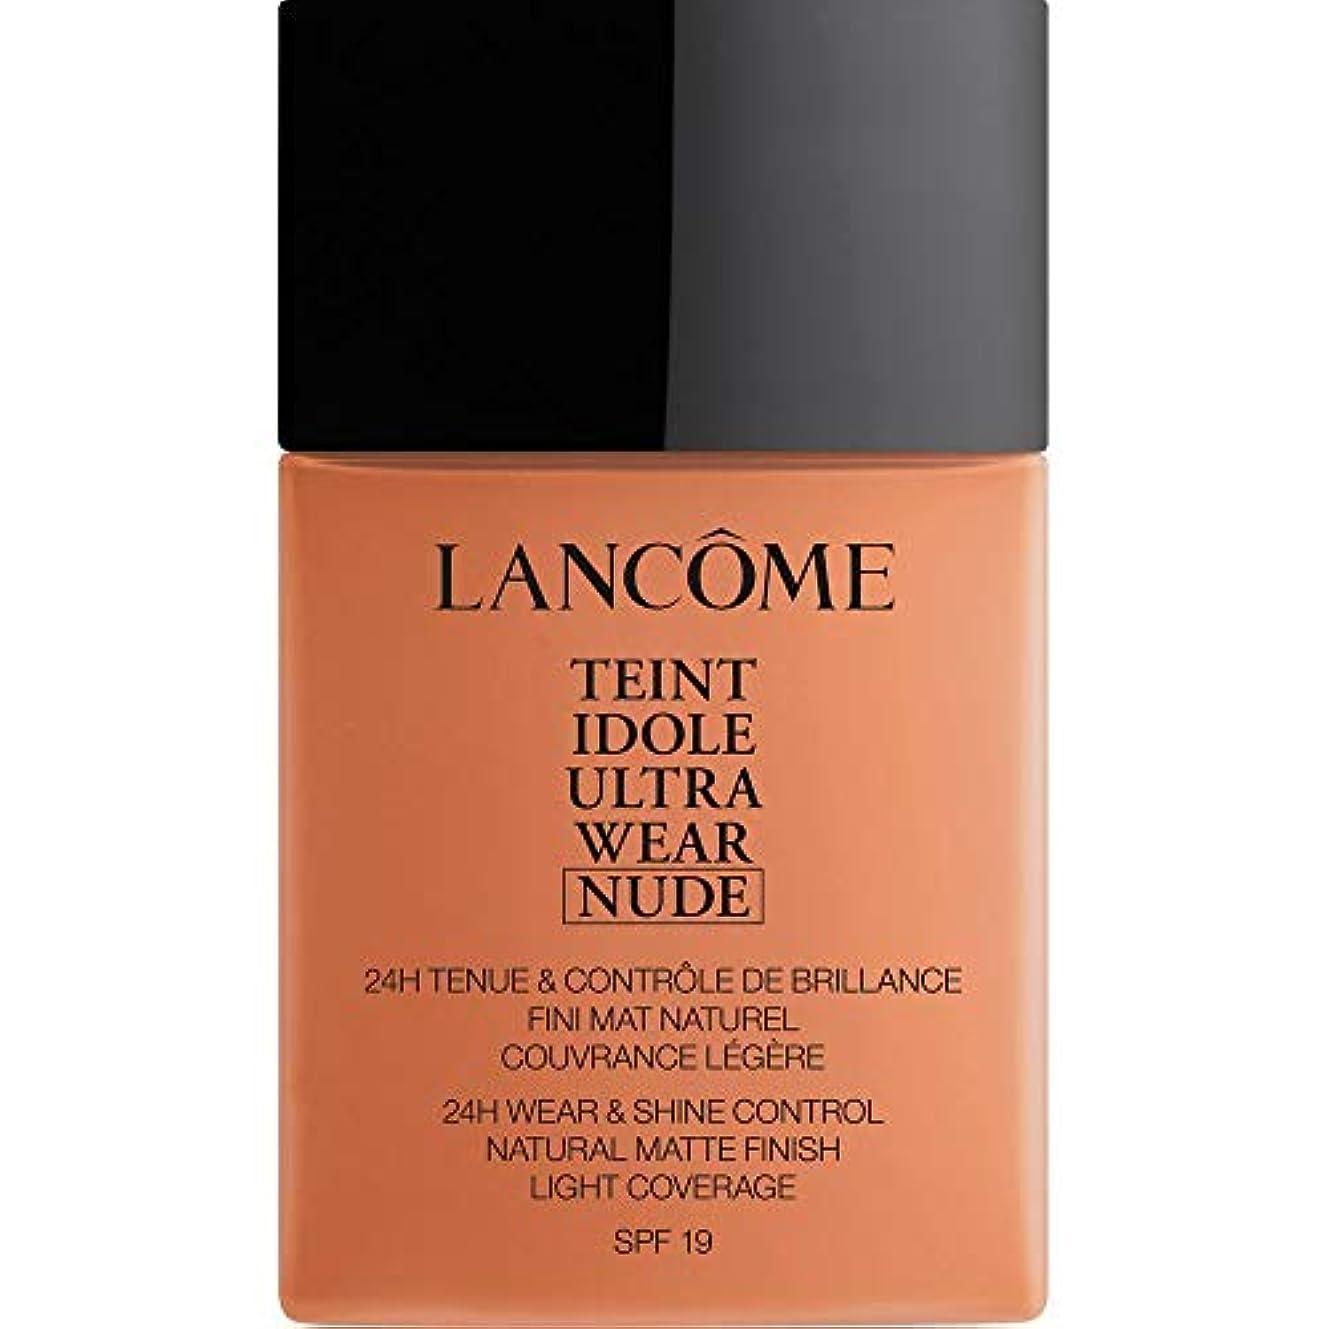 コミットメント売上高確保する[Lanc?me ] ランコムTeintのIdole超摩耗ヌード財団Spf19の40ミリリットル10.2 - ブロンズ - Lancome Teint Idole Ultra Wear Nude Foundation SPF19...